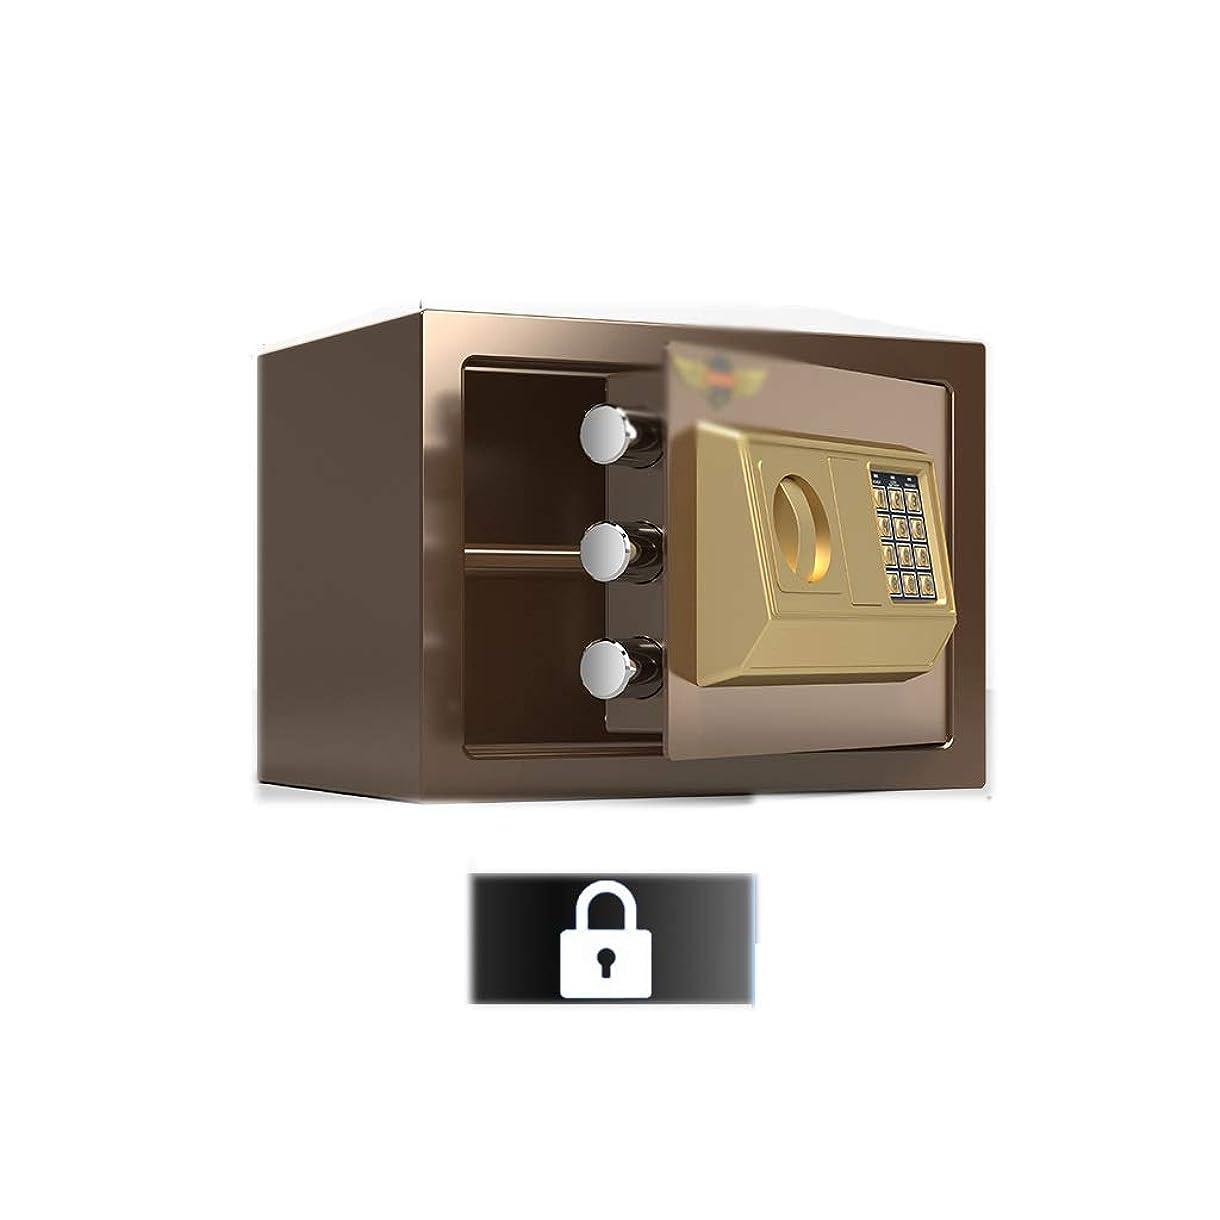 変更再開三角形安全キャビネット 小型金庫、25cm/9.8in事務固定金庫、家庭用ロッカーボックス、現金、書類、印鑑の保管に適している ストロングボックス (Color : Brown)